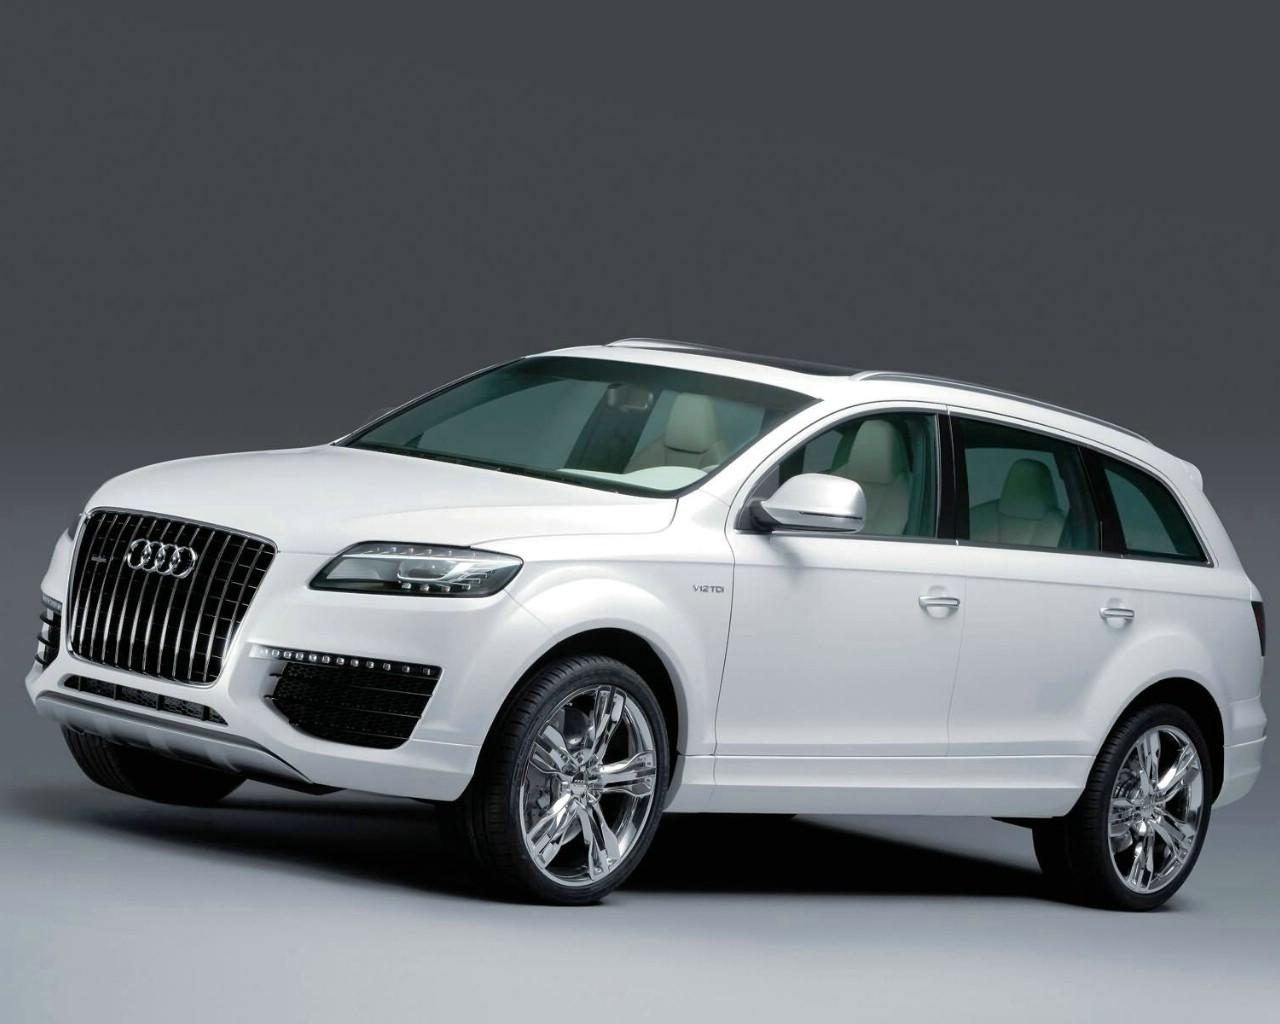 壁纸1280 215 1024audi Q7 V12 Tdi Bluetec概念车壁纸壁纸 Audi Q7 V12 Tdi